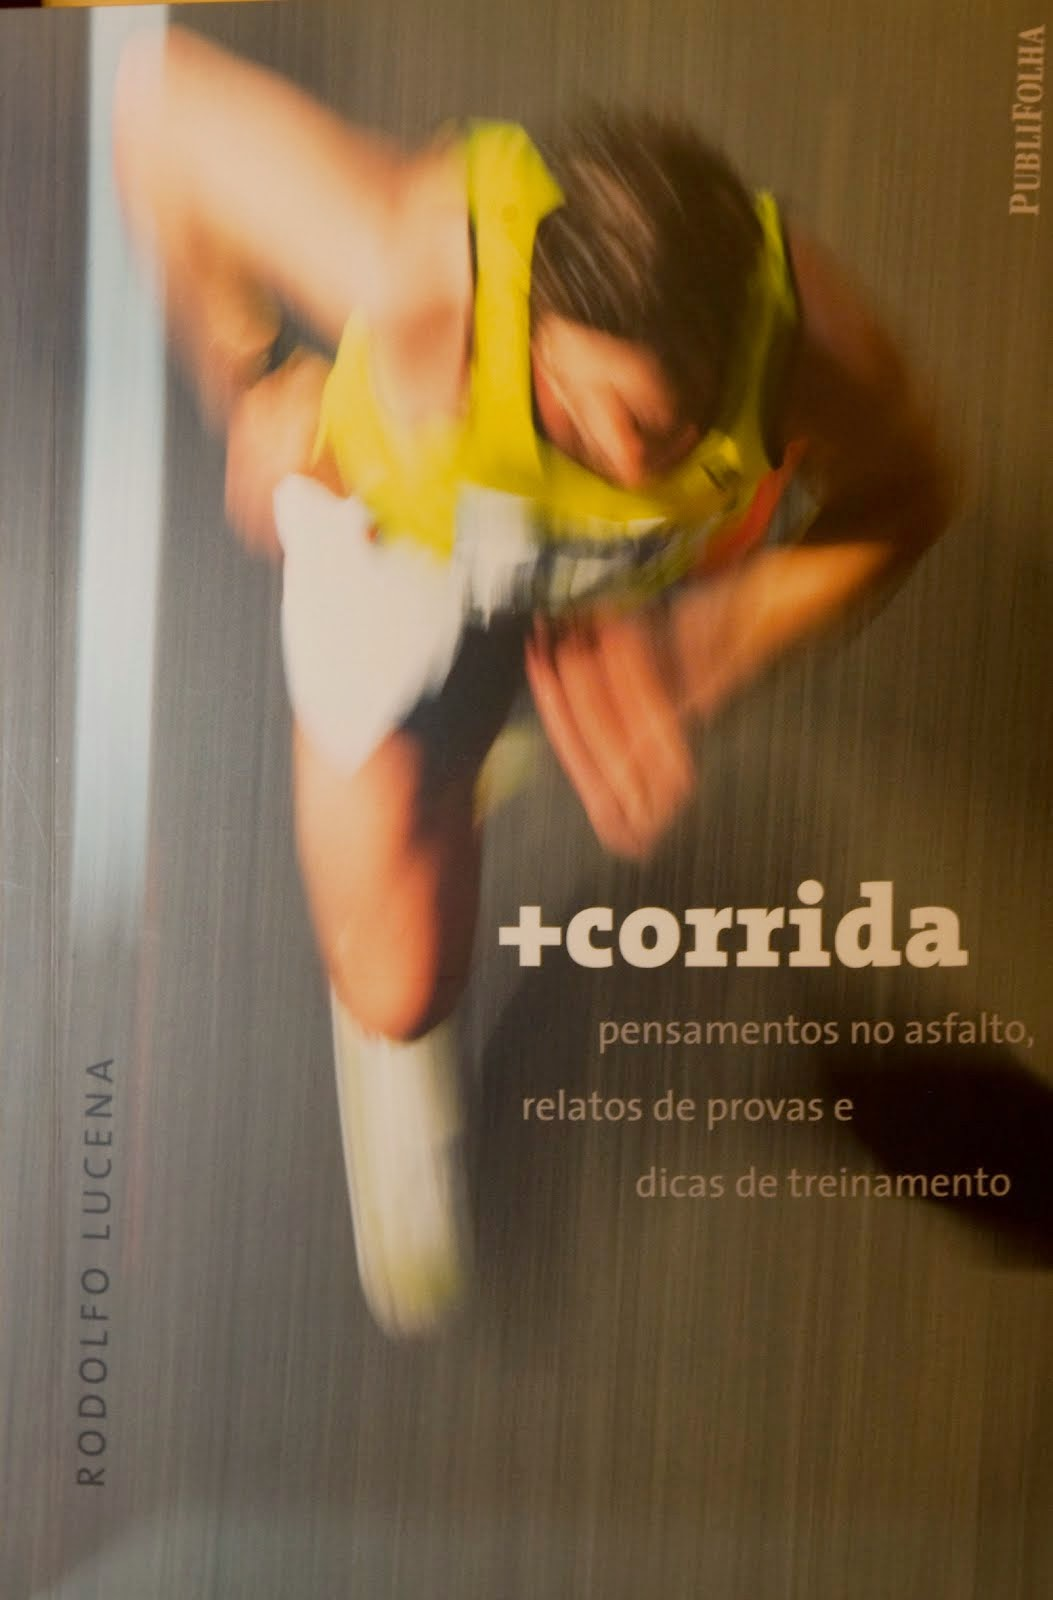 +CORRIDA